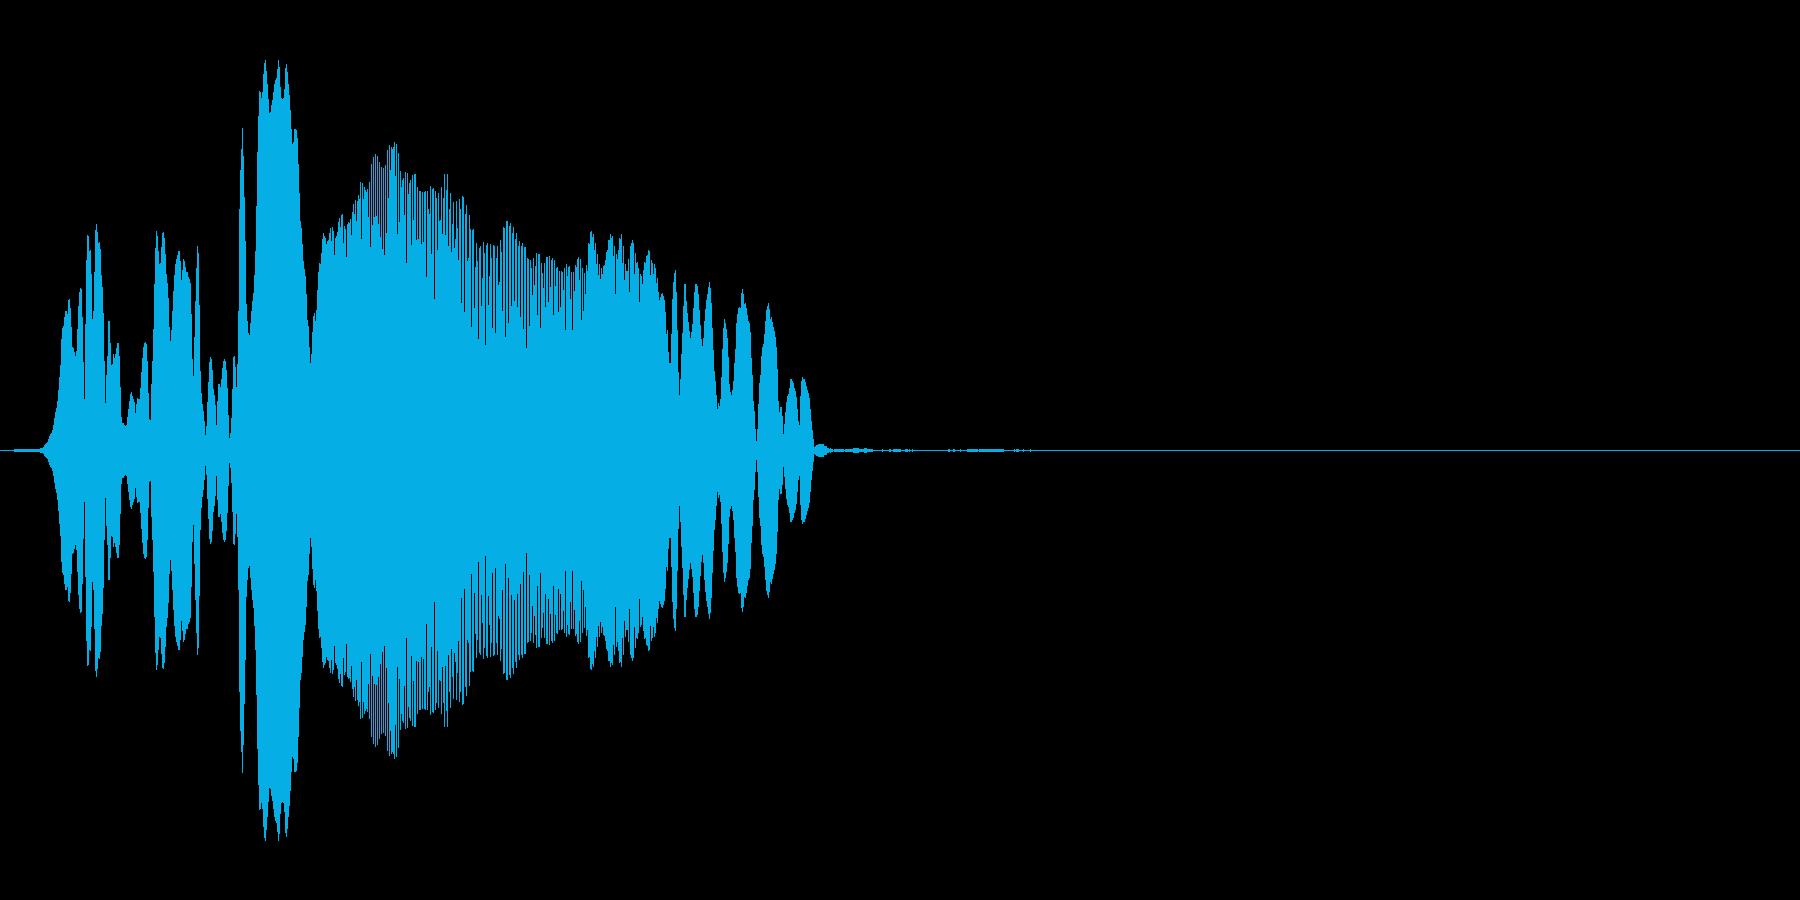 ピュー(動画・画面の枠が開くor閉じる)の再生済みの波形